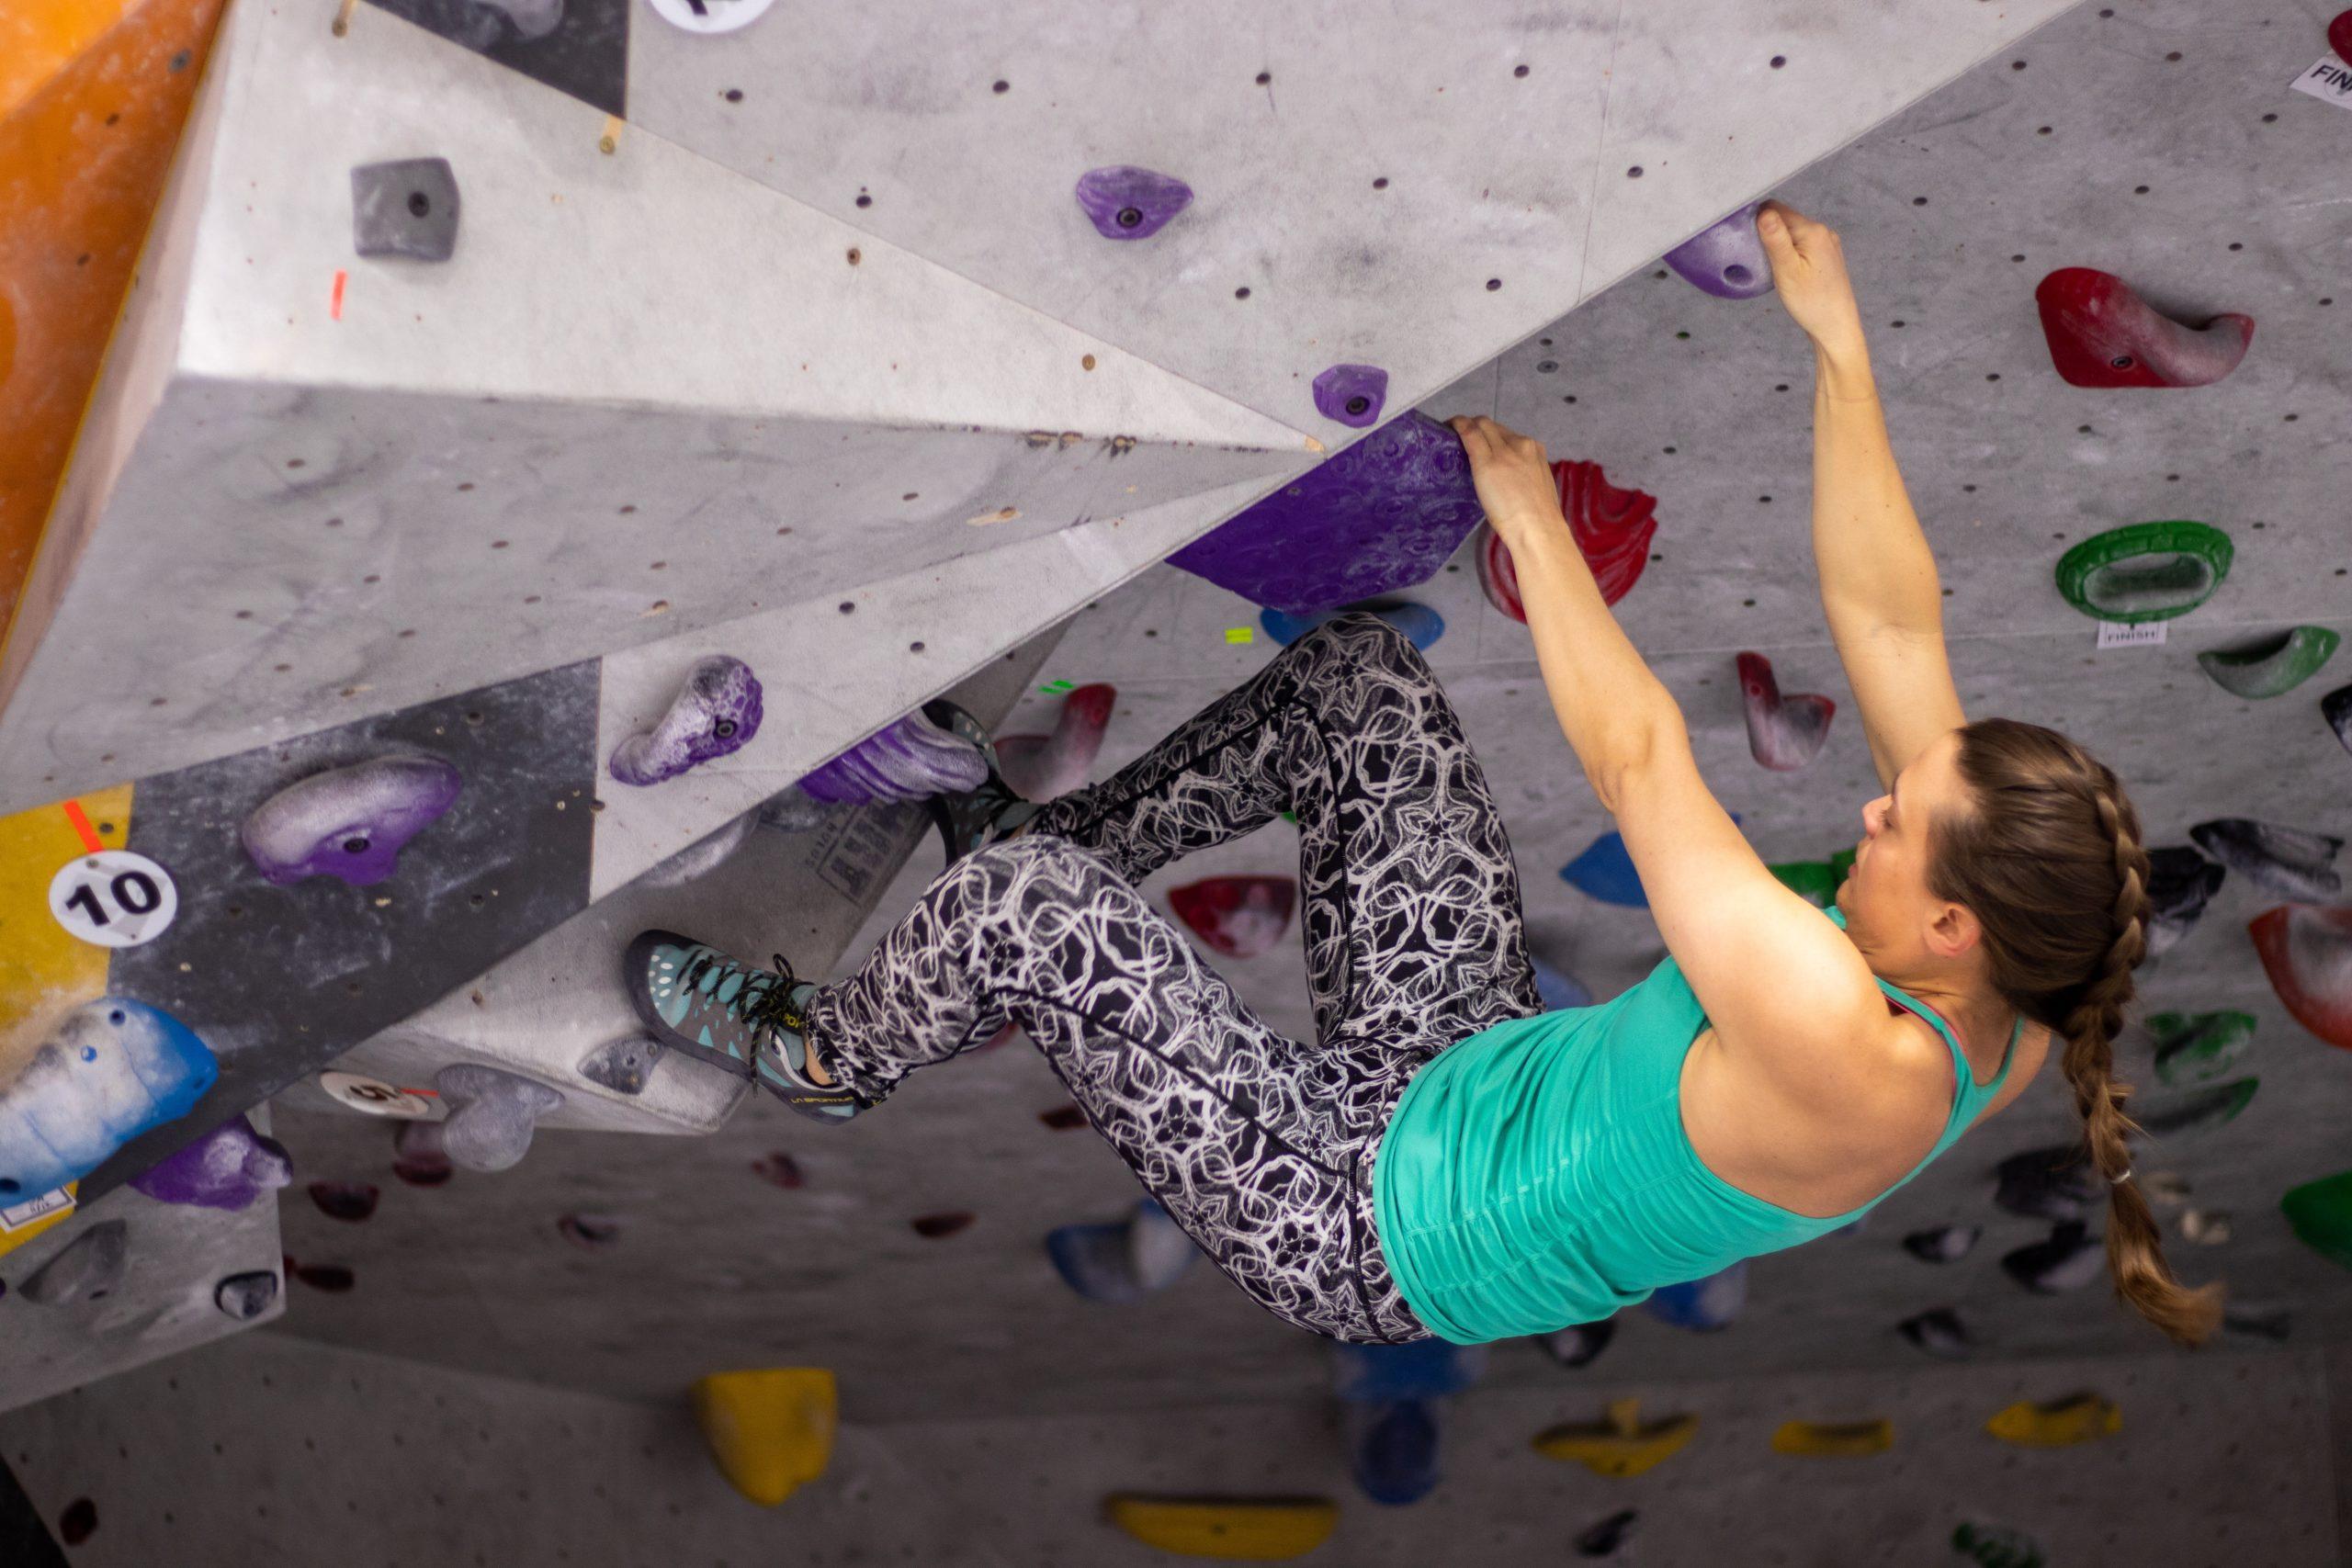 A woman climbs at an indoor rock climbing gym